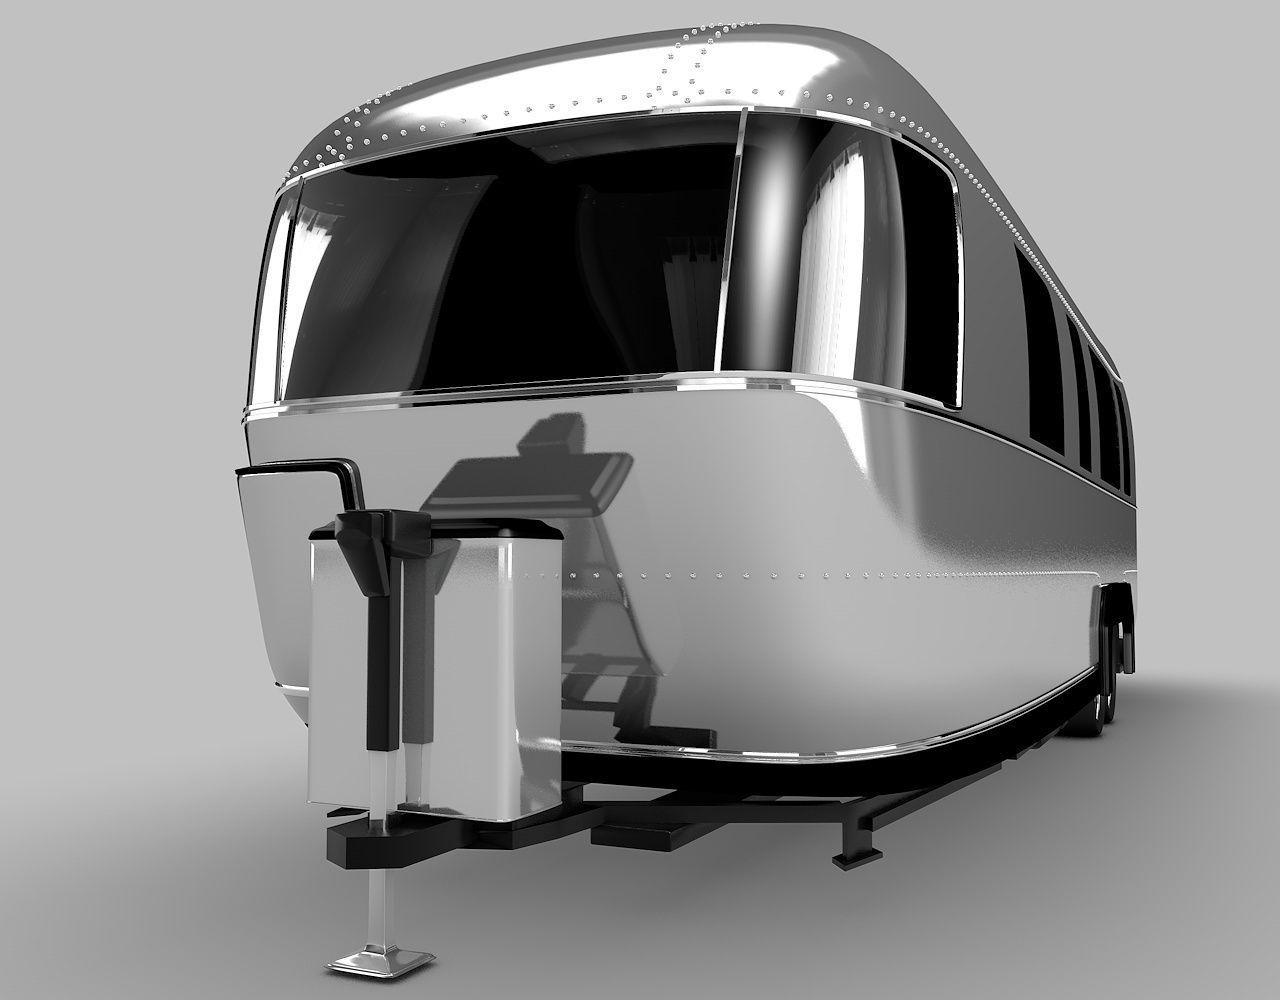 Airstream-Camper